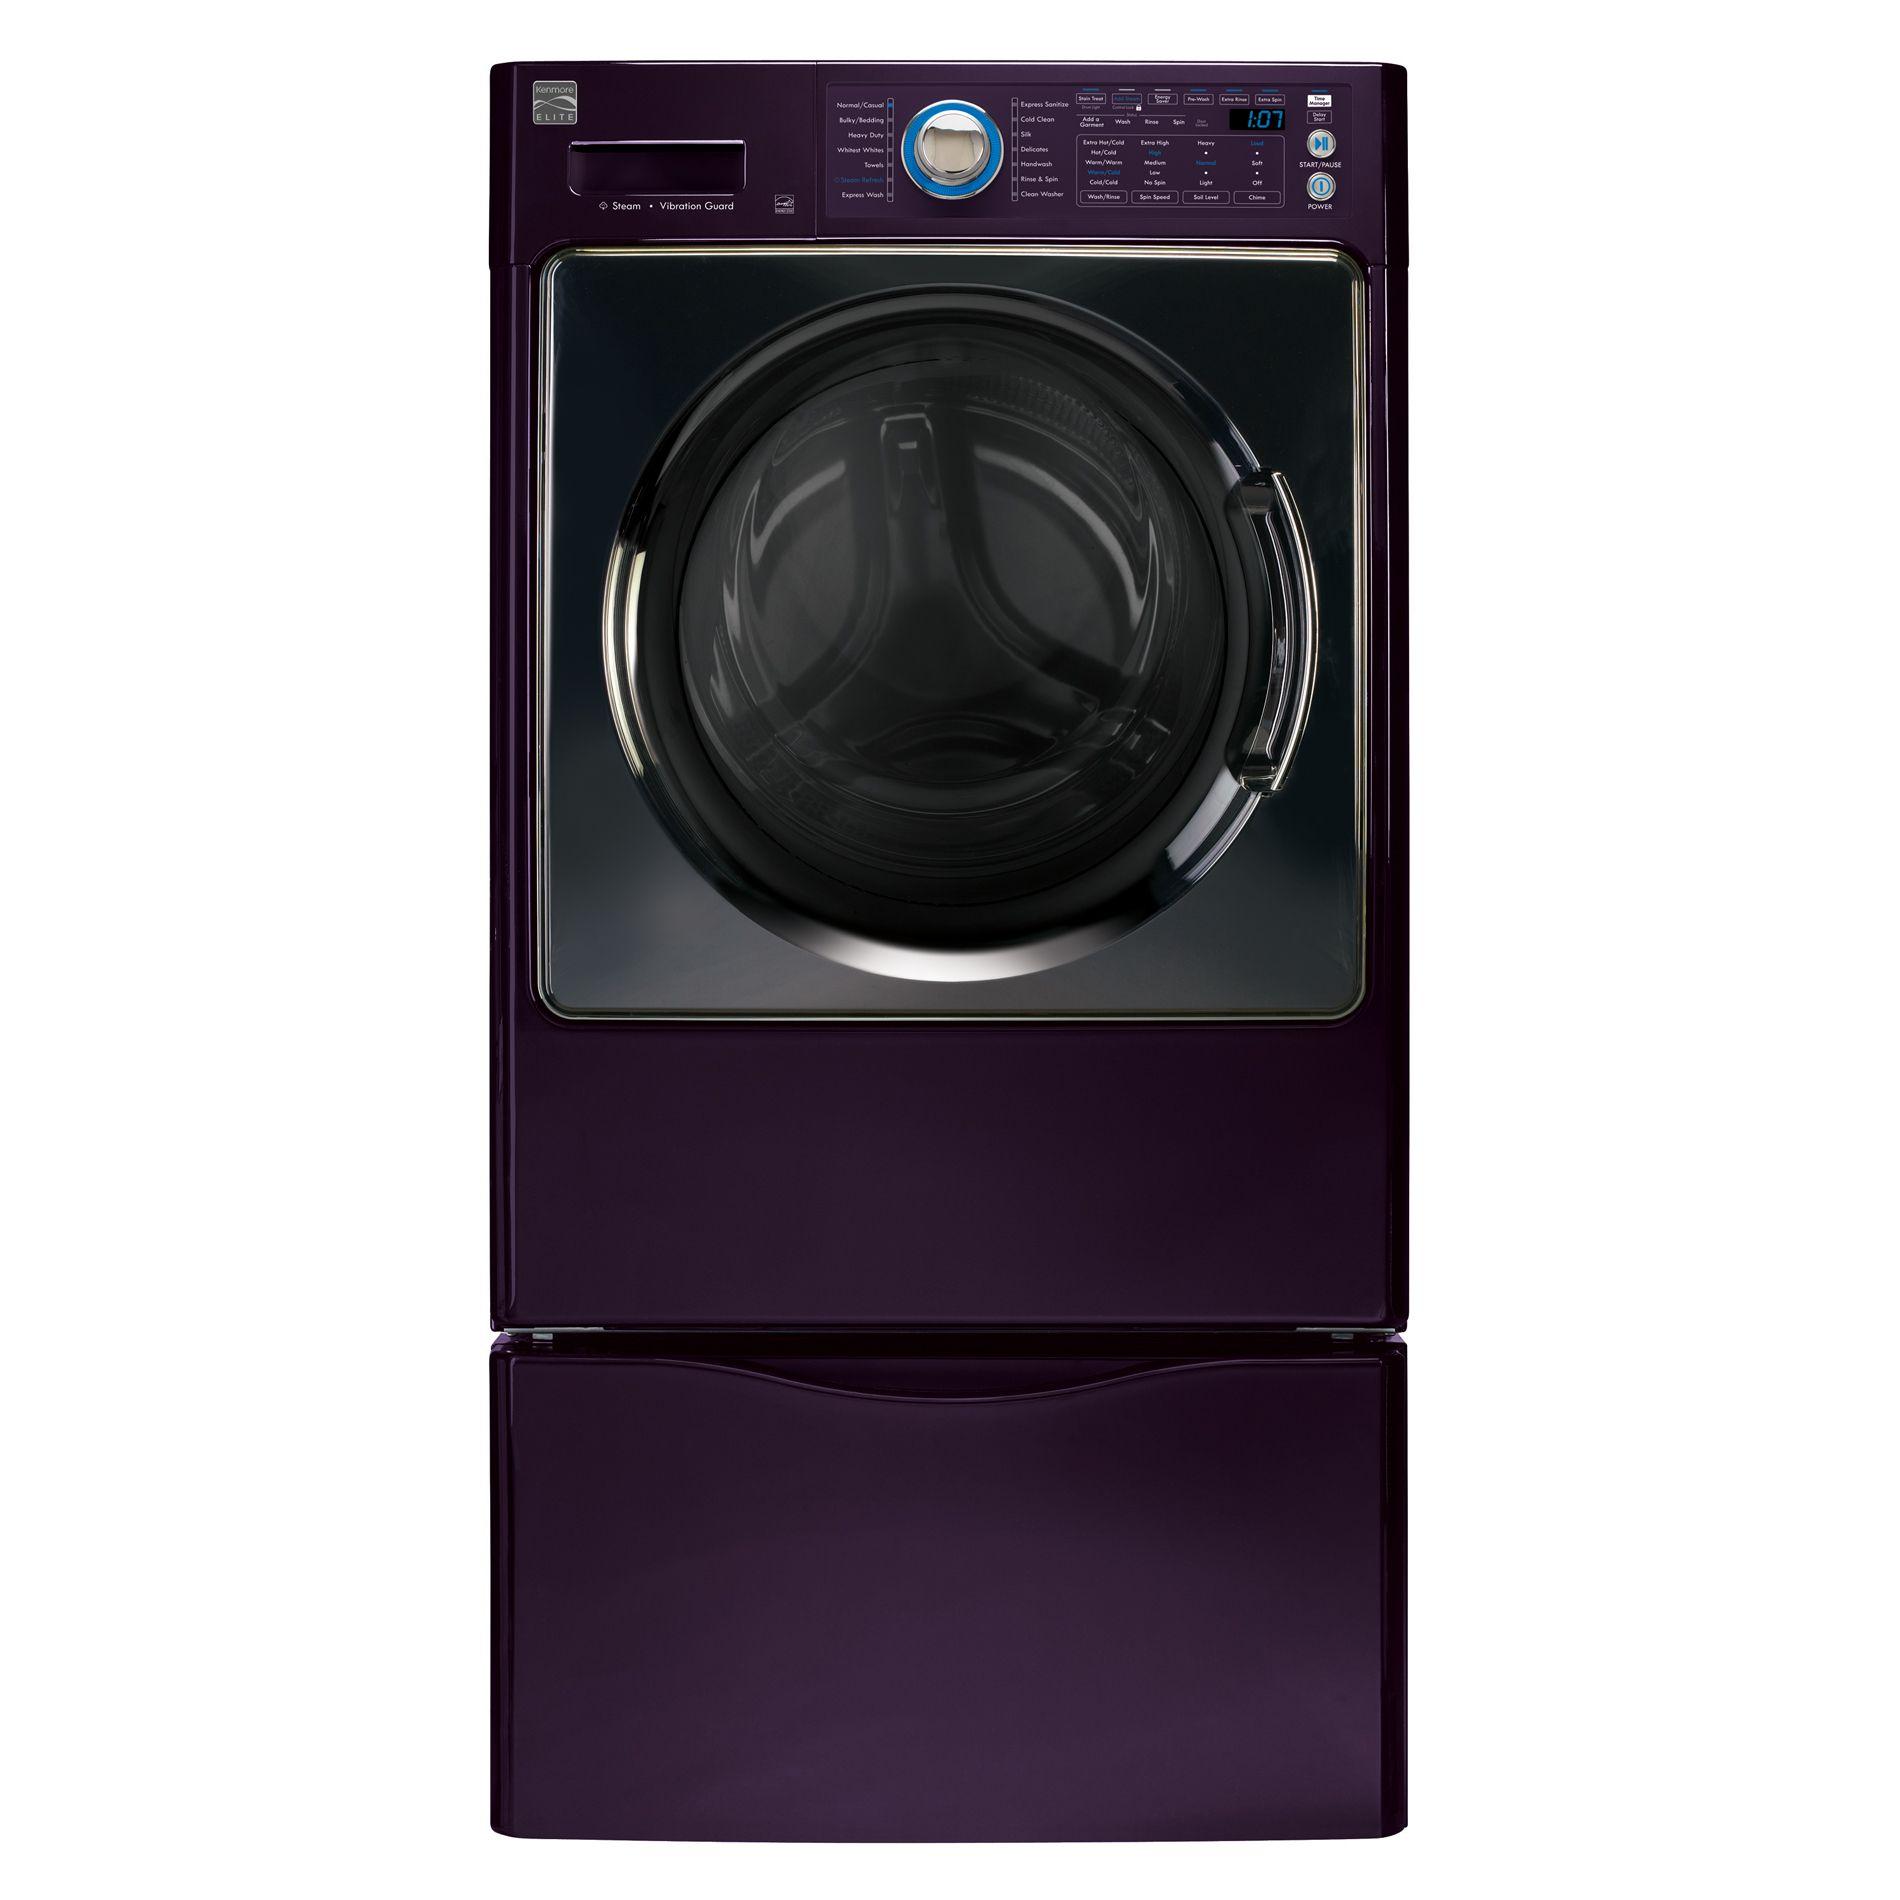 Kenmore Elite 4.3 cu. ft. Steam Front-Load Washer w/ Reversible Door - Blackberry